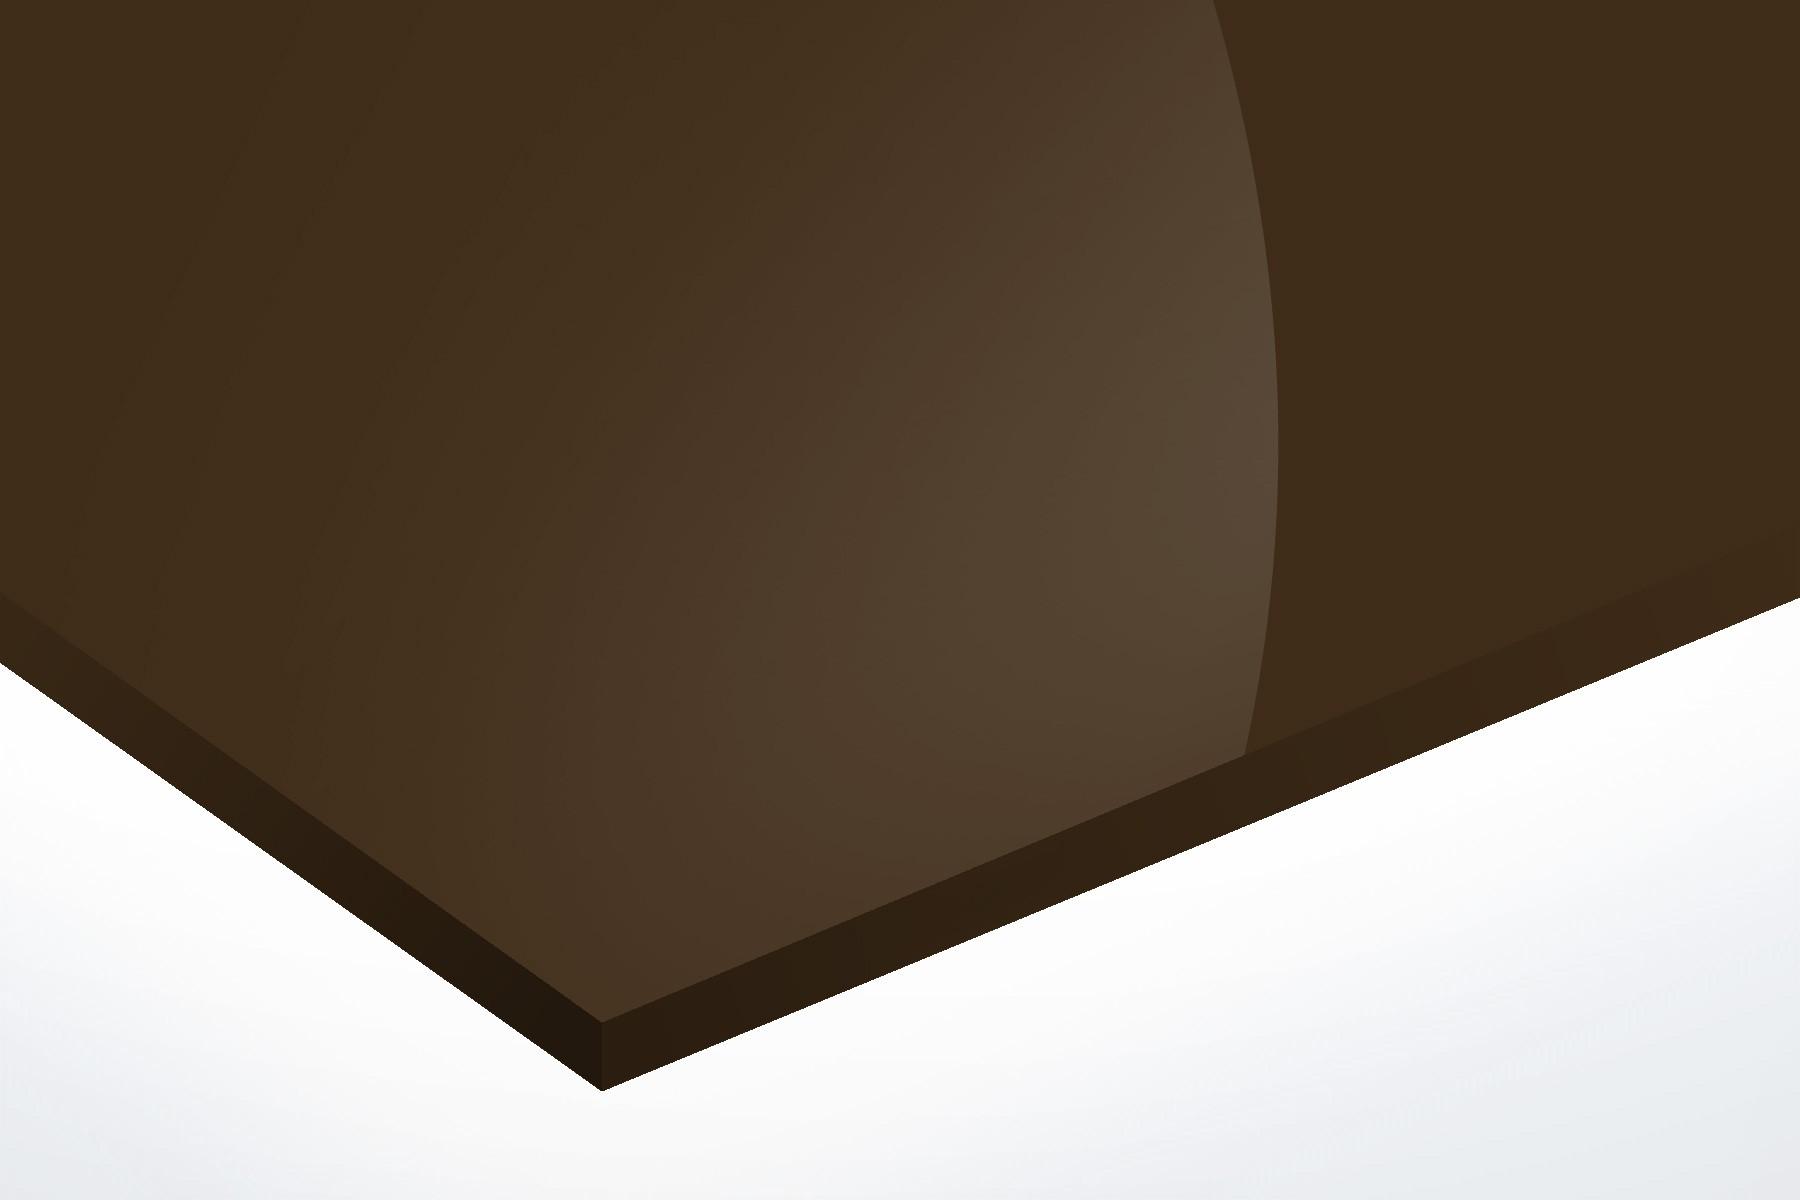 302/10/6397 Alu brillant Bronze foncé 1mm